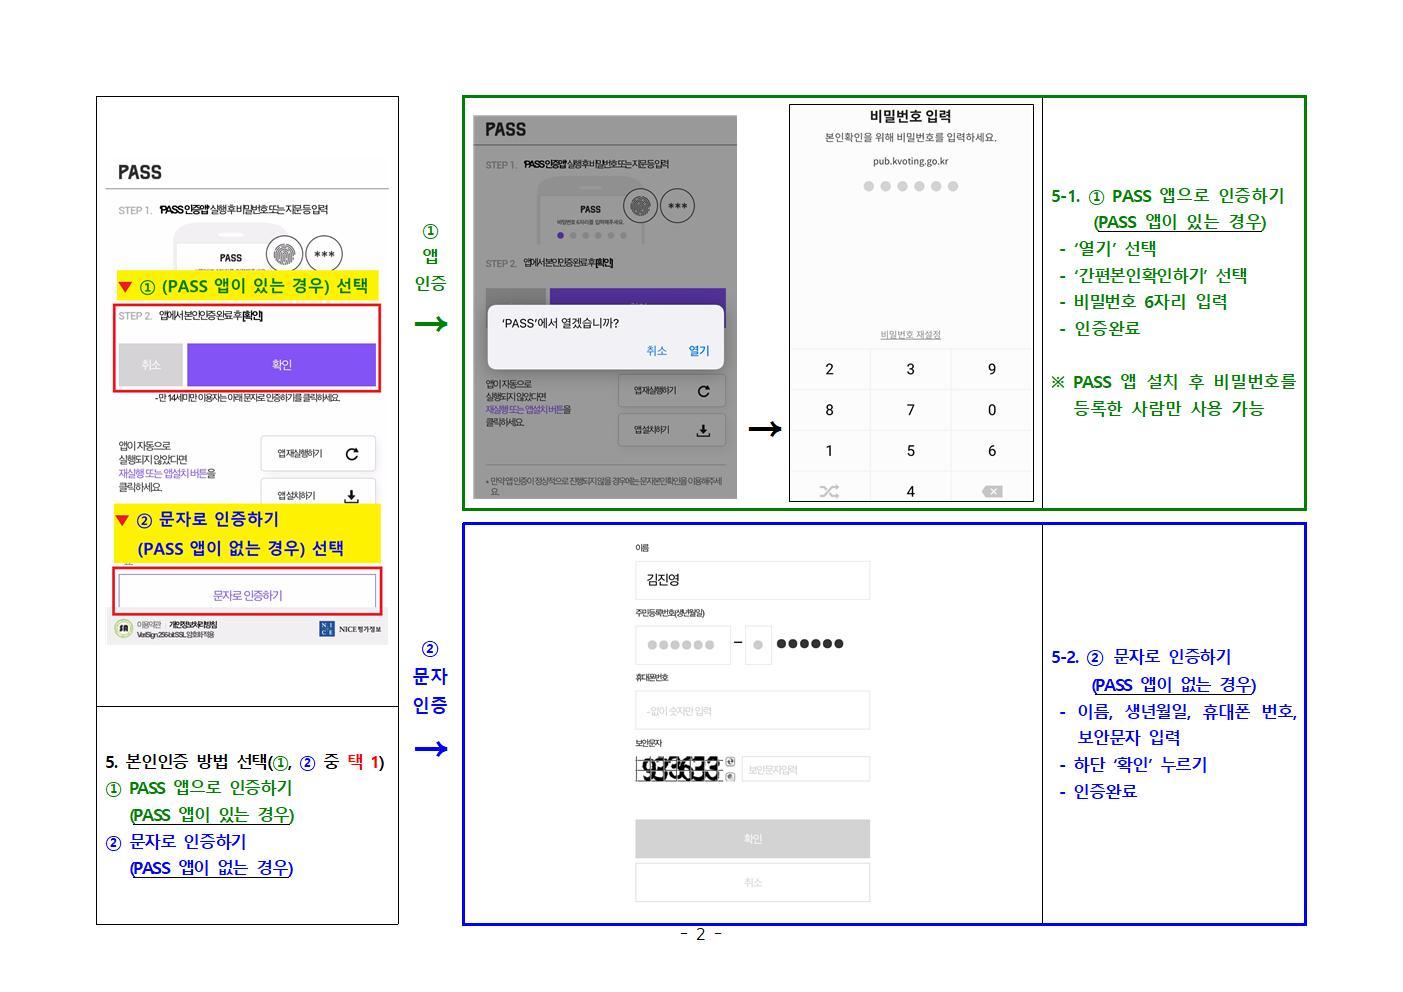 온라인 투표 상세 안내 2